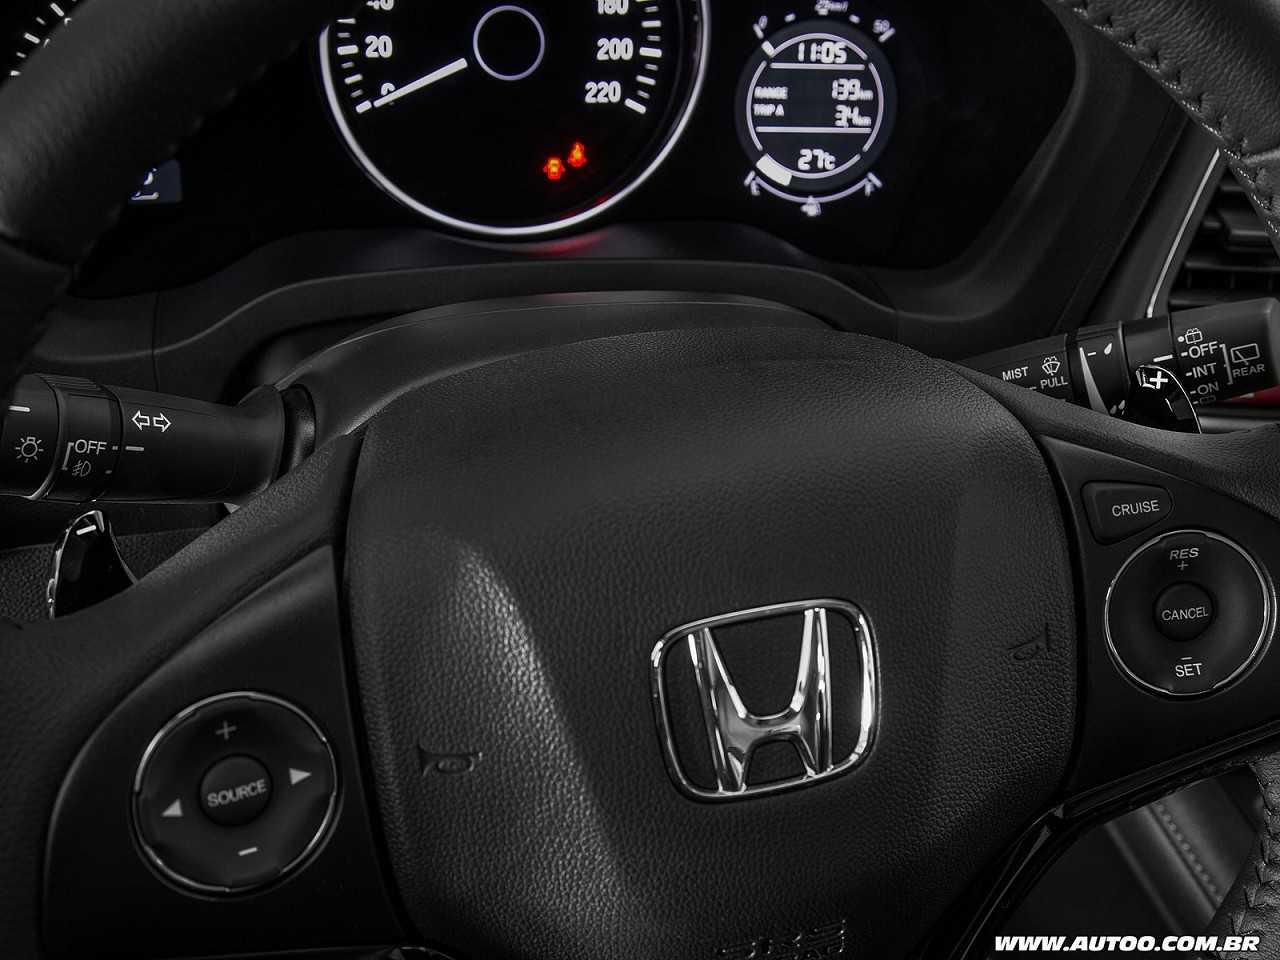 HondaHR-V 2017 - outros